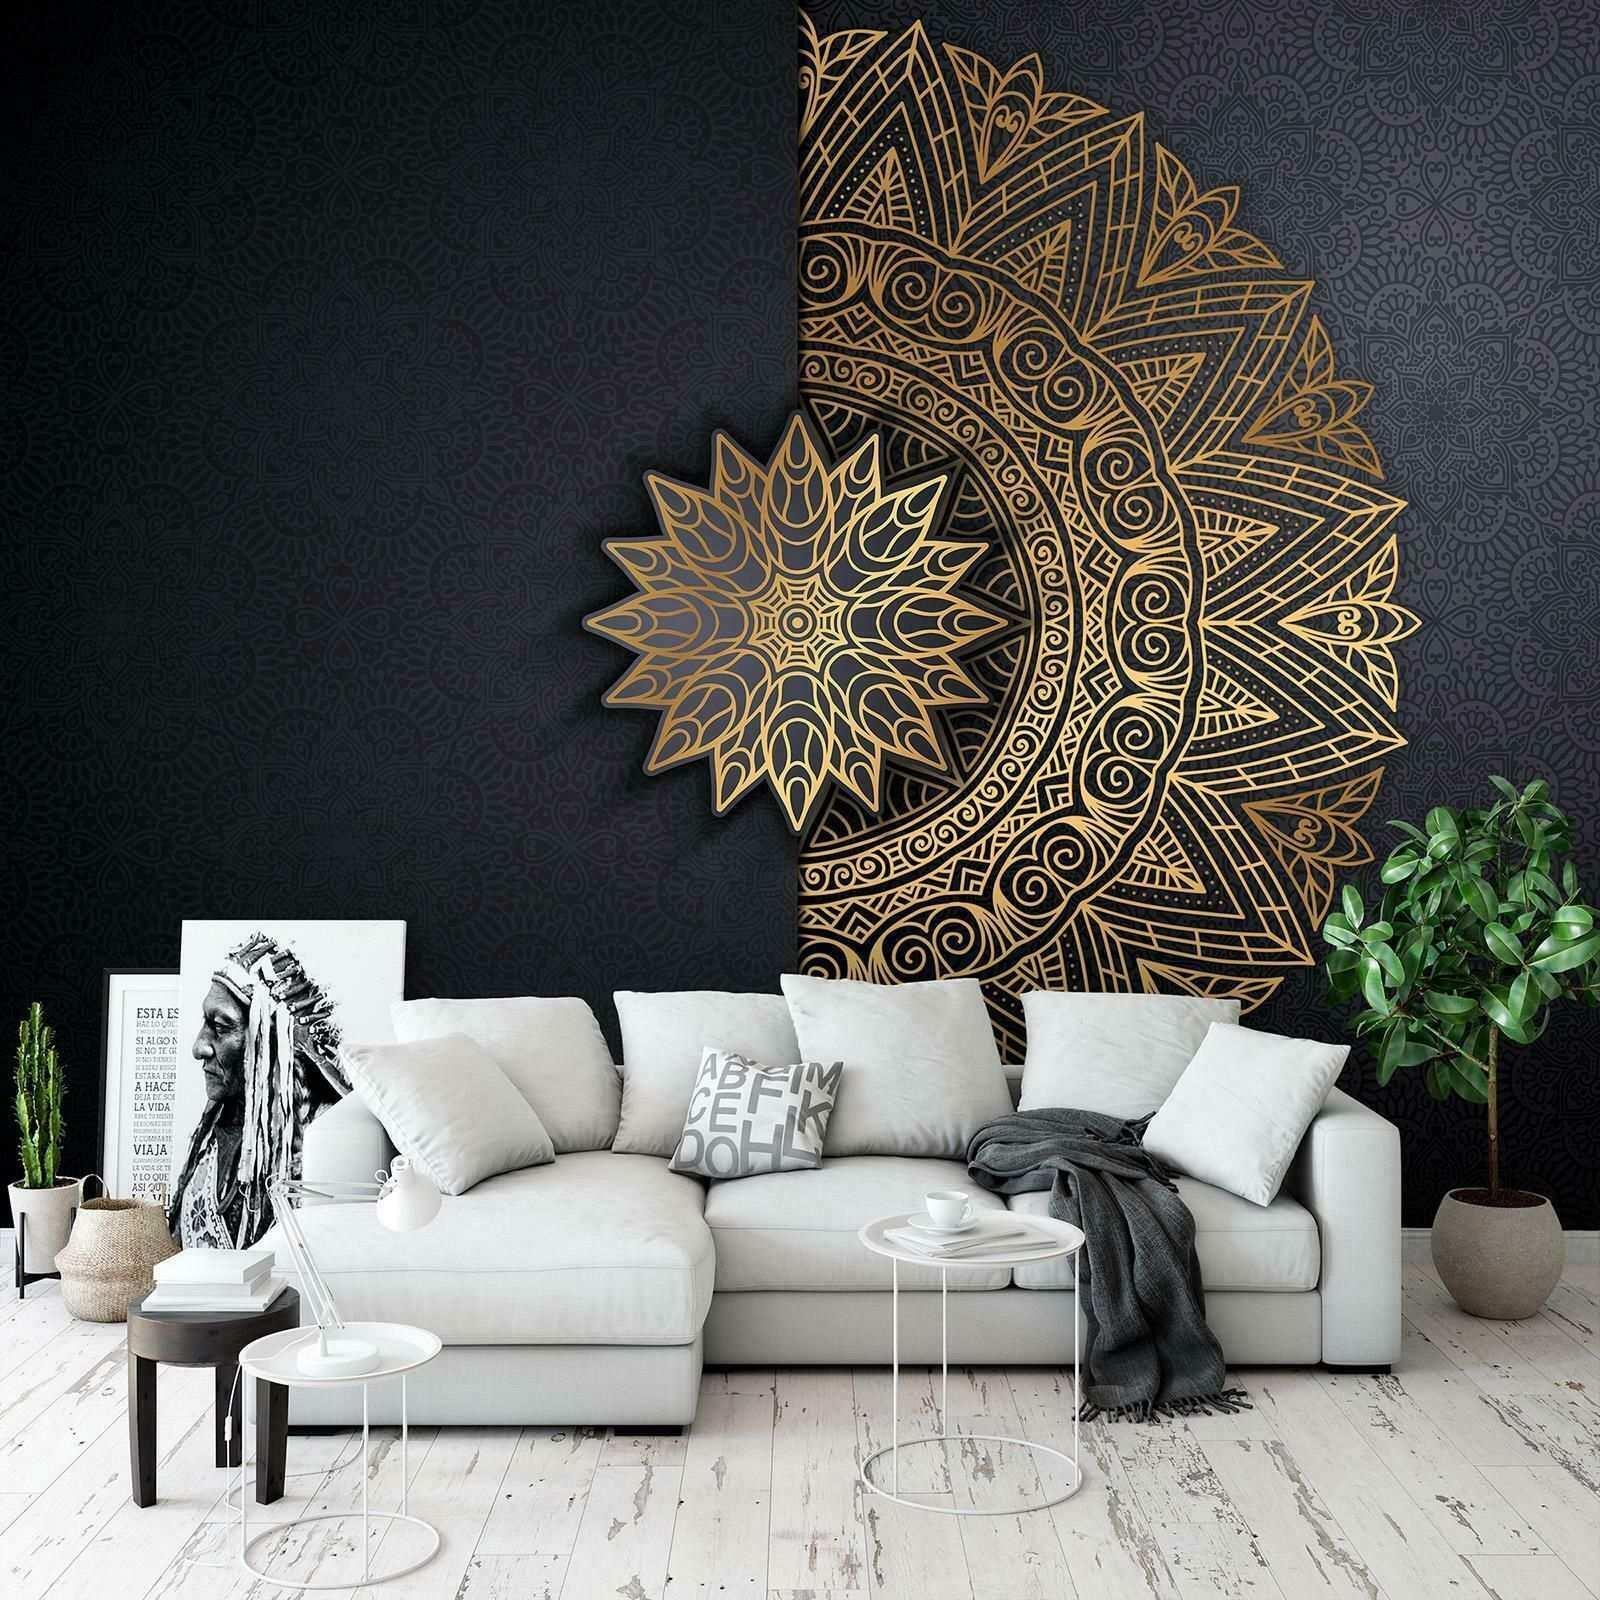 Brilliante Fototapete Tapete Wandbild 244680fw Mandala Orient Gold Abstraktion Eur 16 9 Tapeten Wohnzimmer Modern Tapeten Wohnzimmer Dekor Fur Kleine Raume